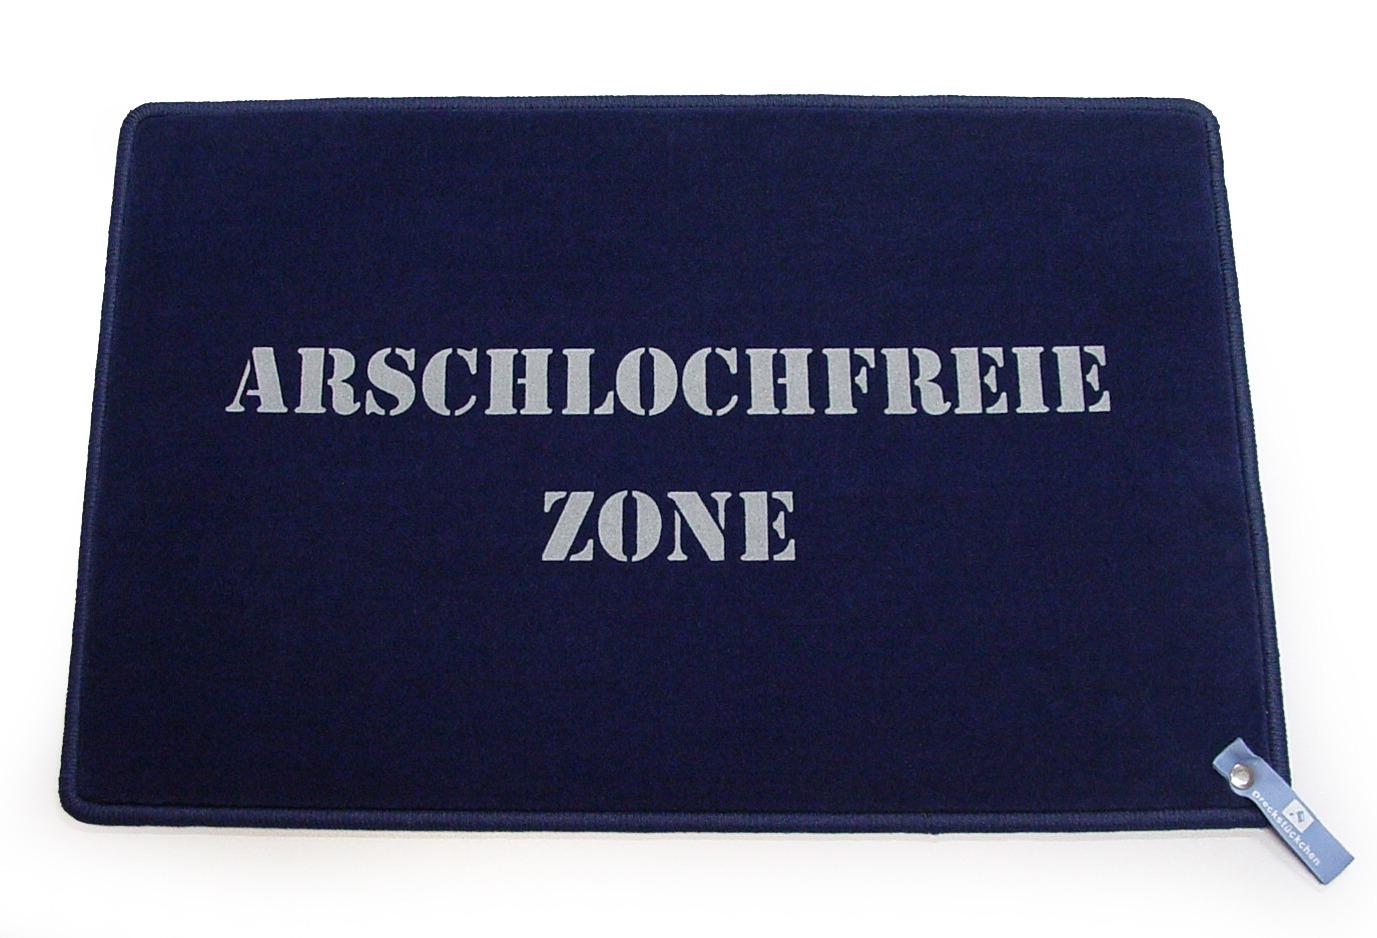 Arschlochfreie Zone